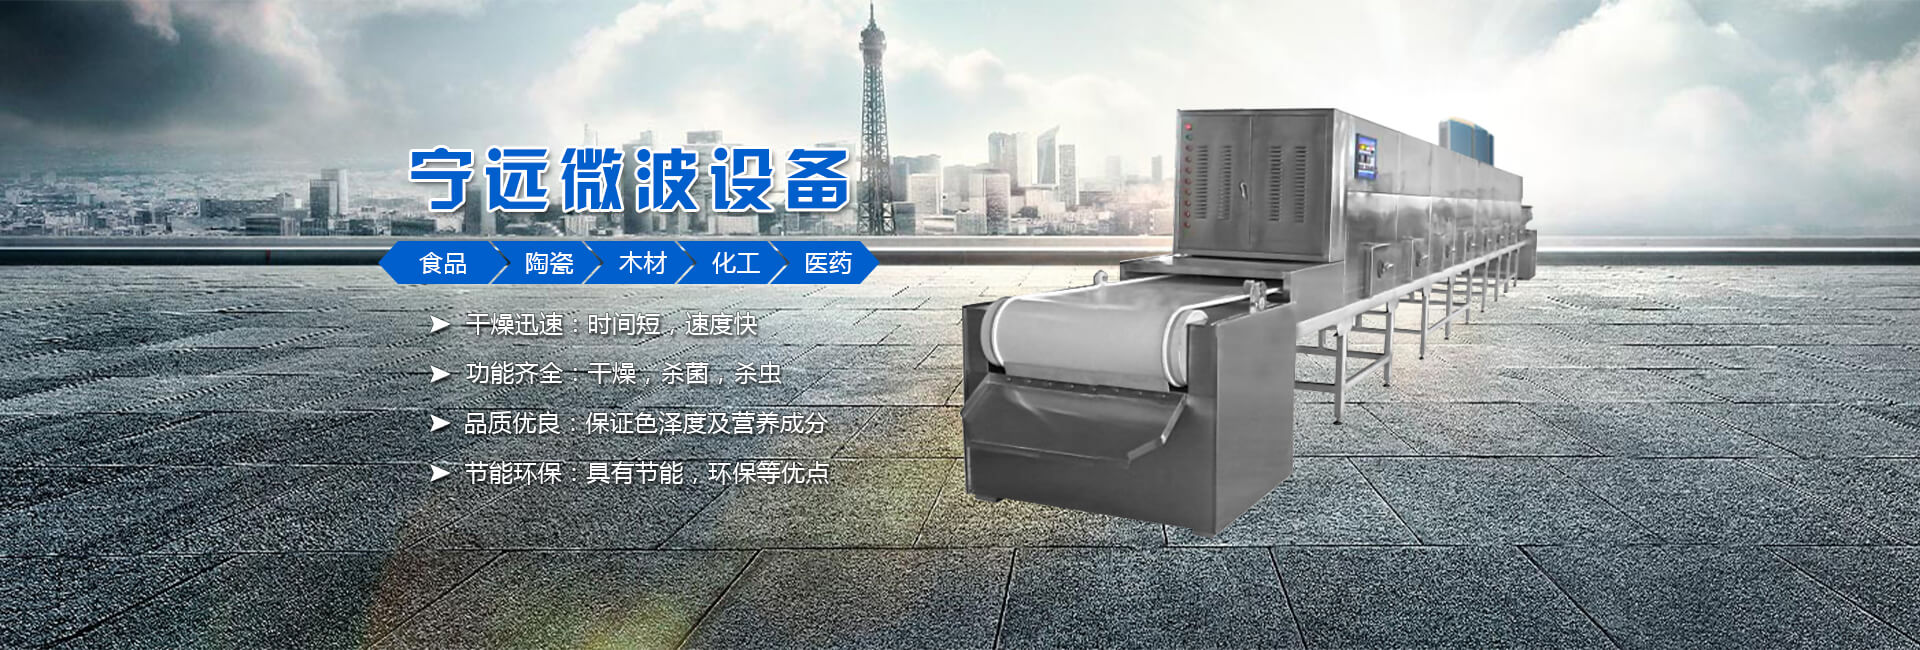 微波烘干机,微波干燥杀菌设备,微波烘干设备厂家